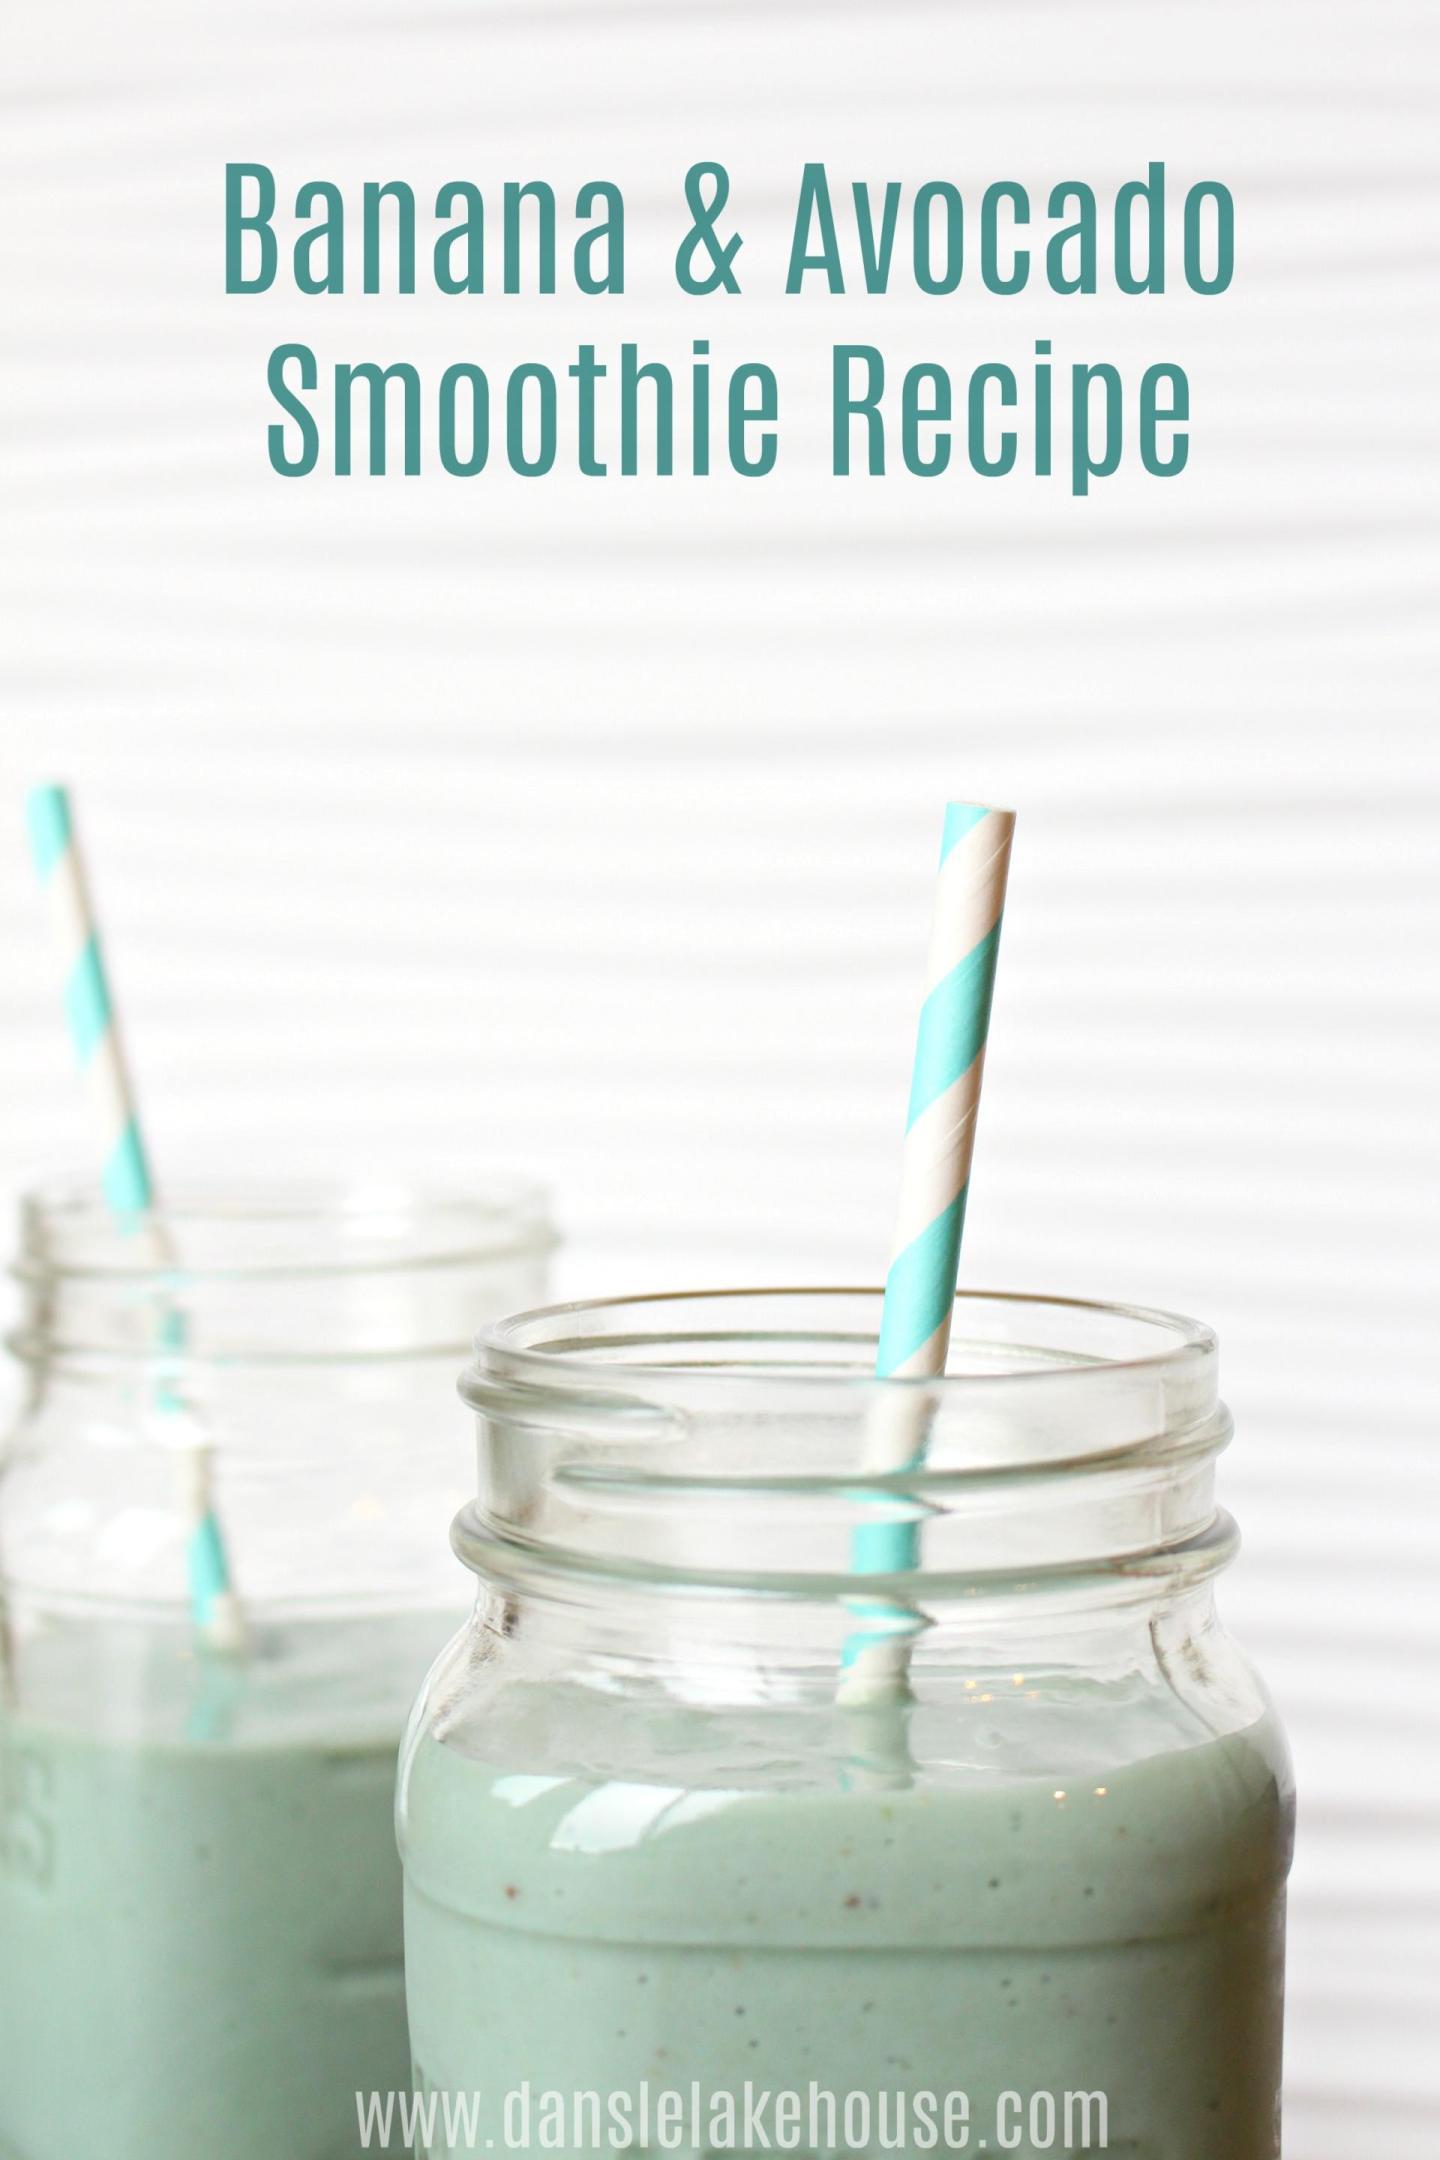 Banana & Avocado Smoothie Recipe